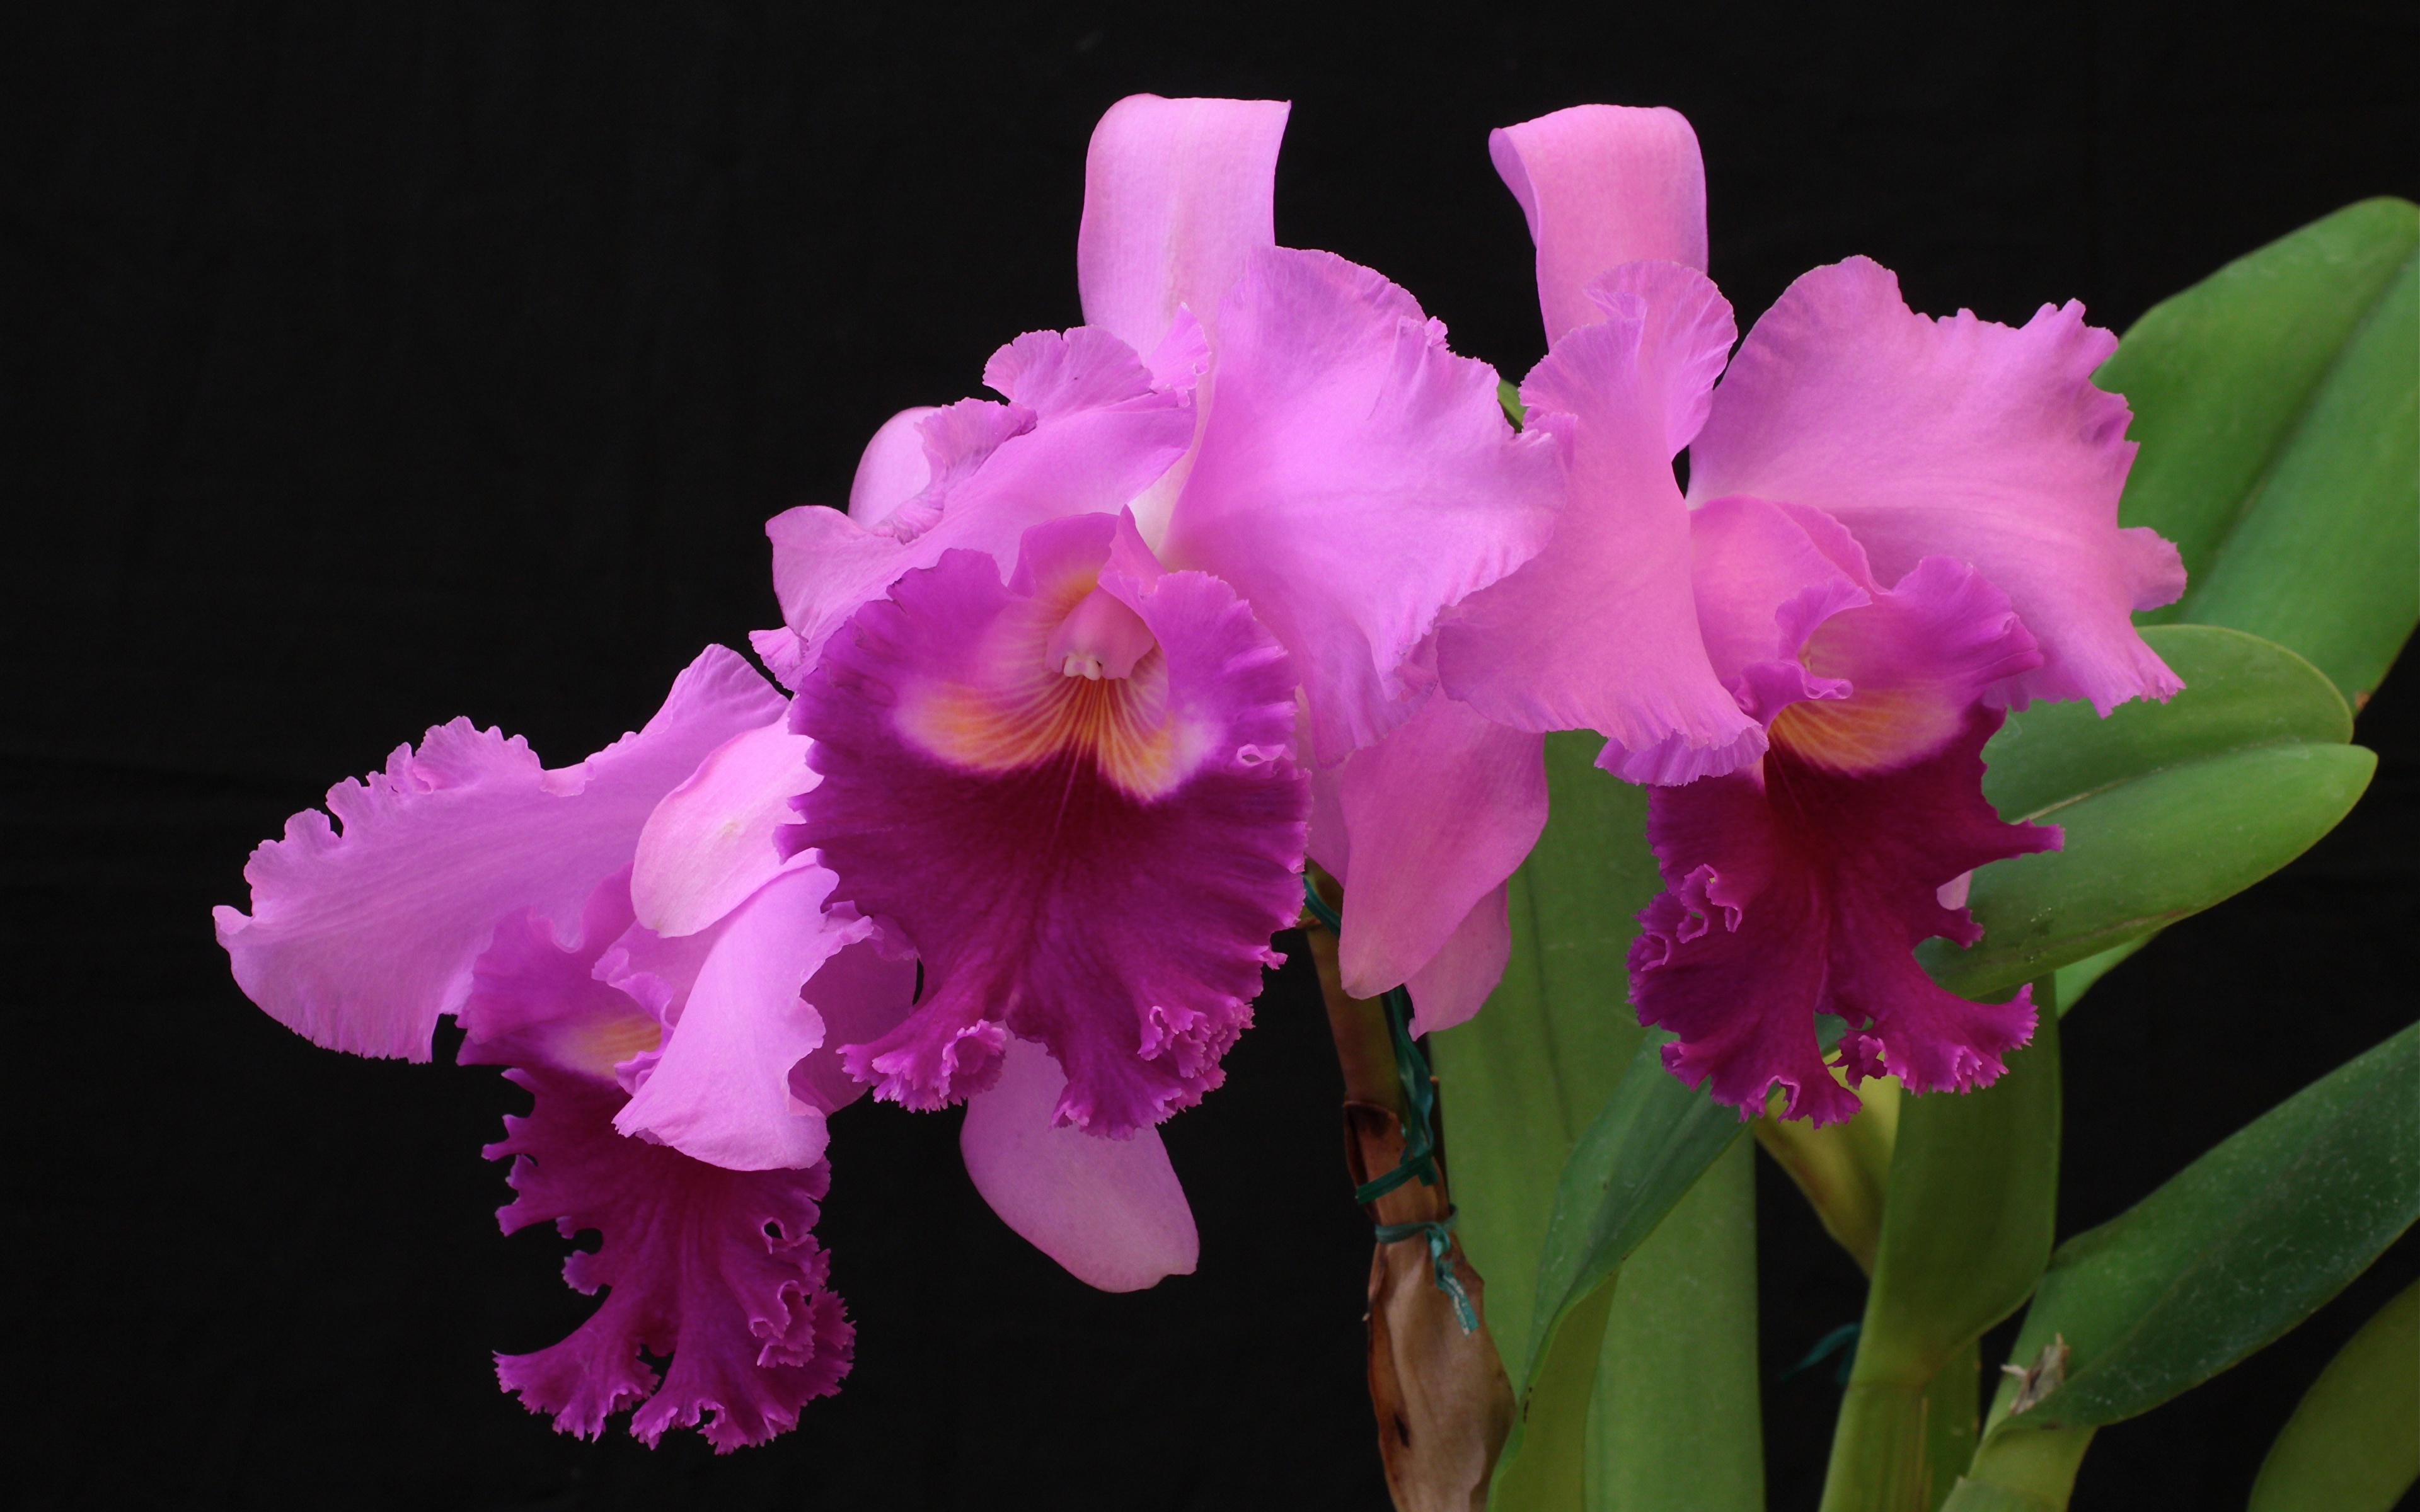 Фото Розовый Орхидеи Цветы Черный фон Крупным планом 3840x2400 розовых розовые розовая вблизи на черном фоне